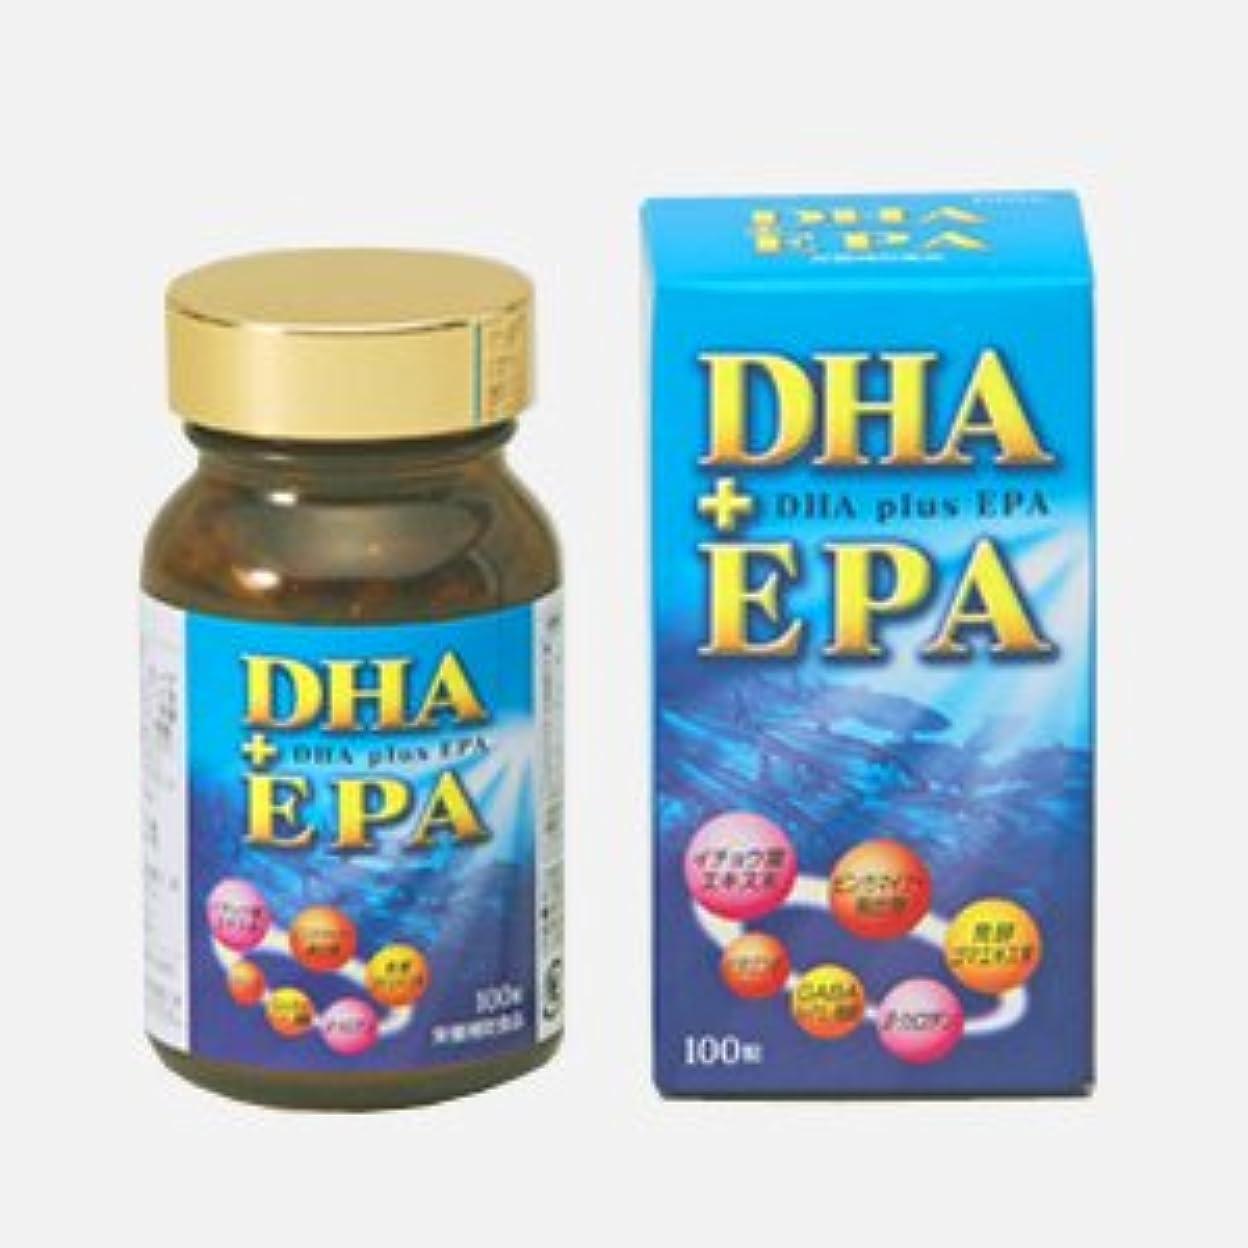 思想汚い城DHA+EPA